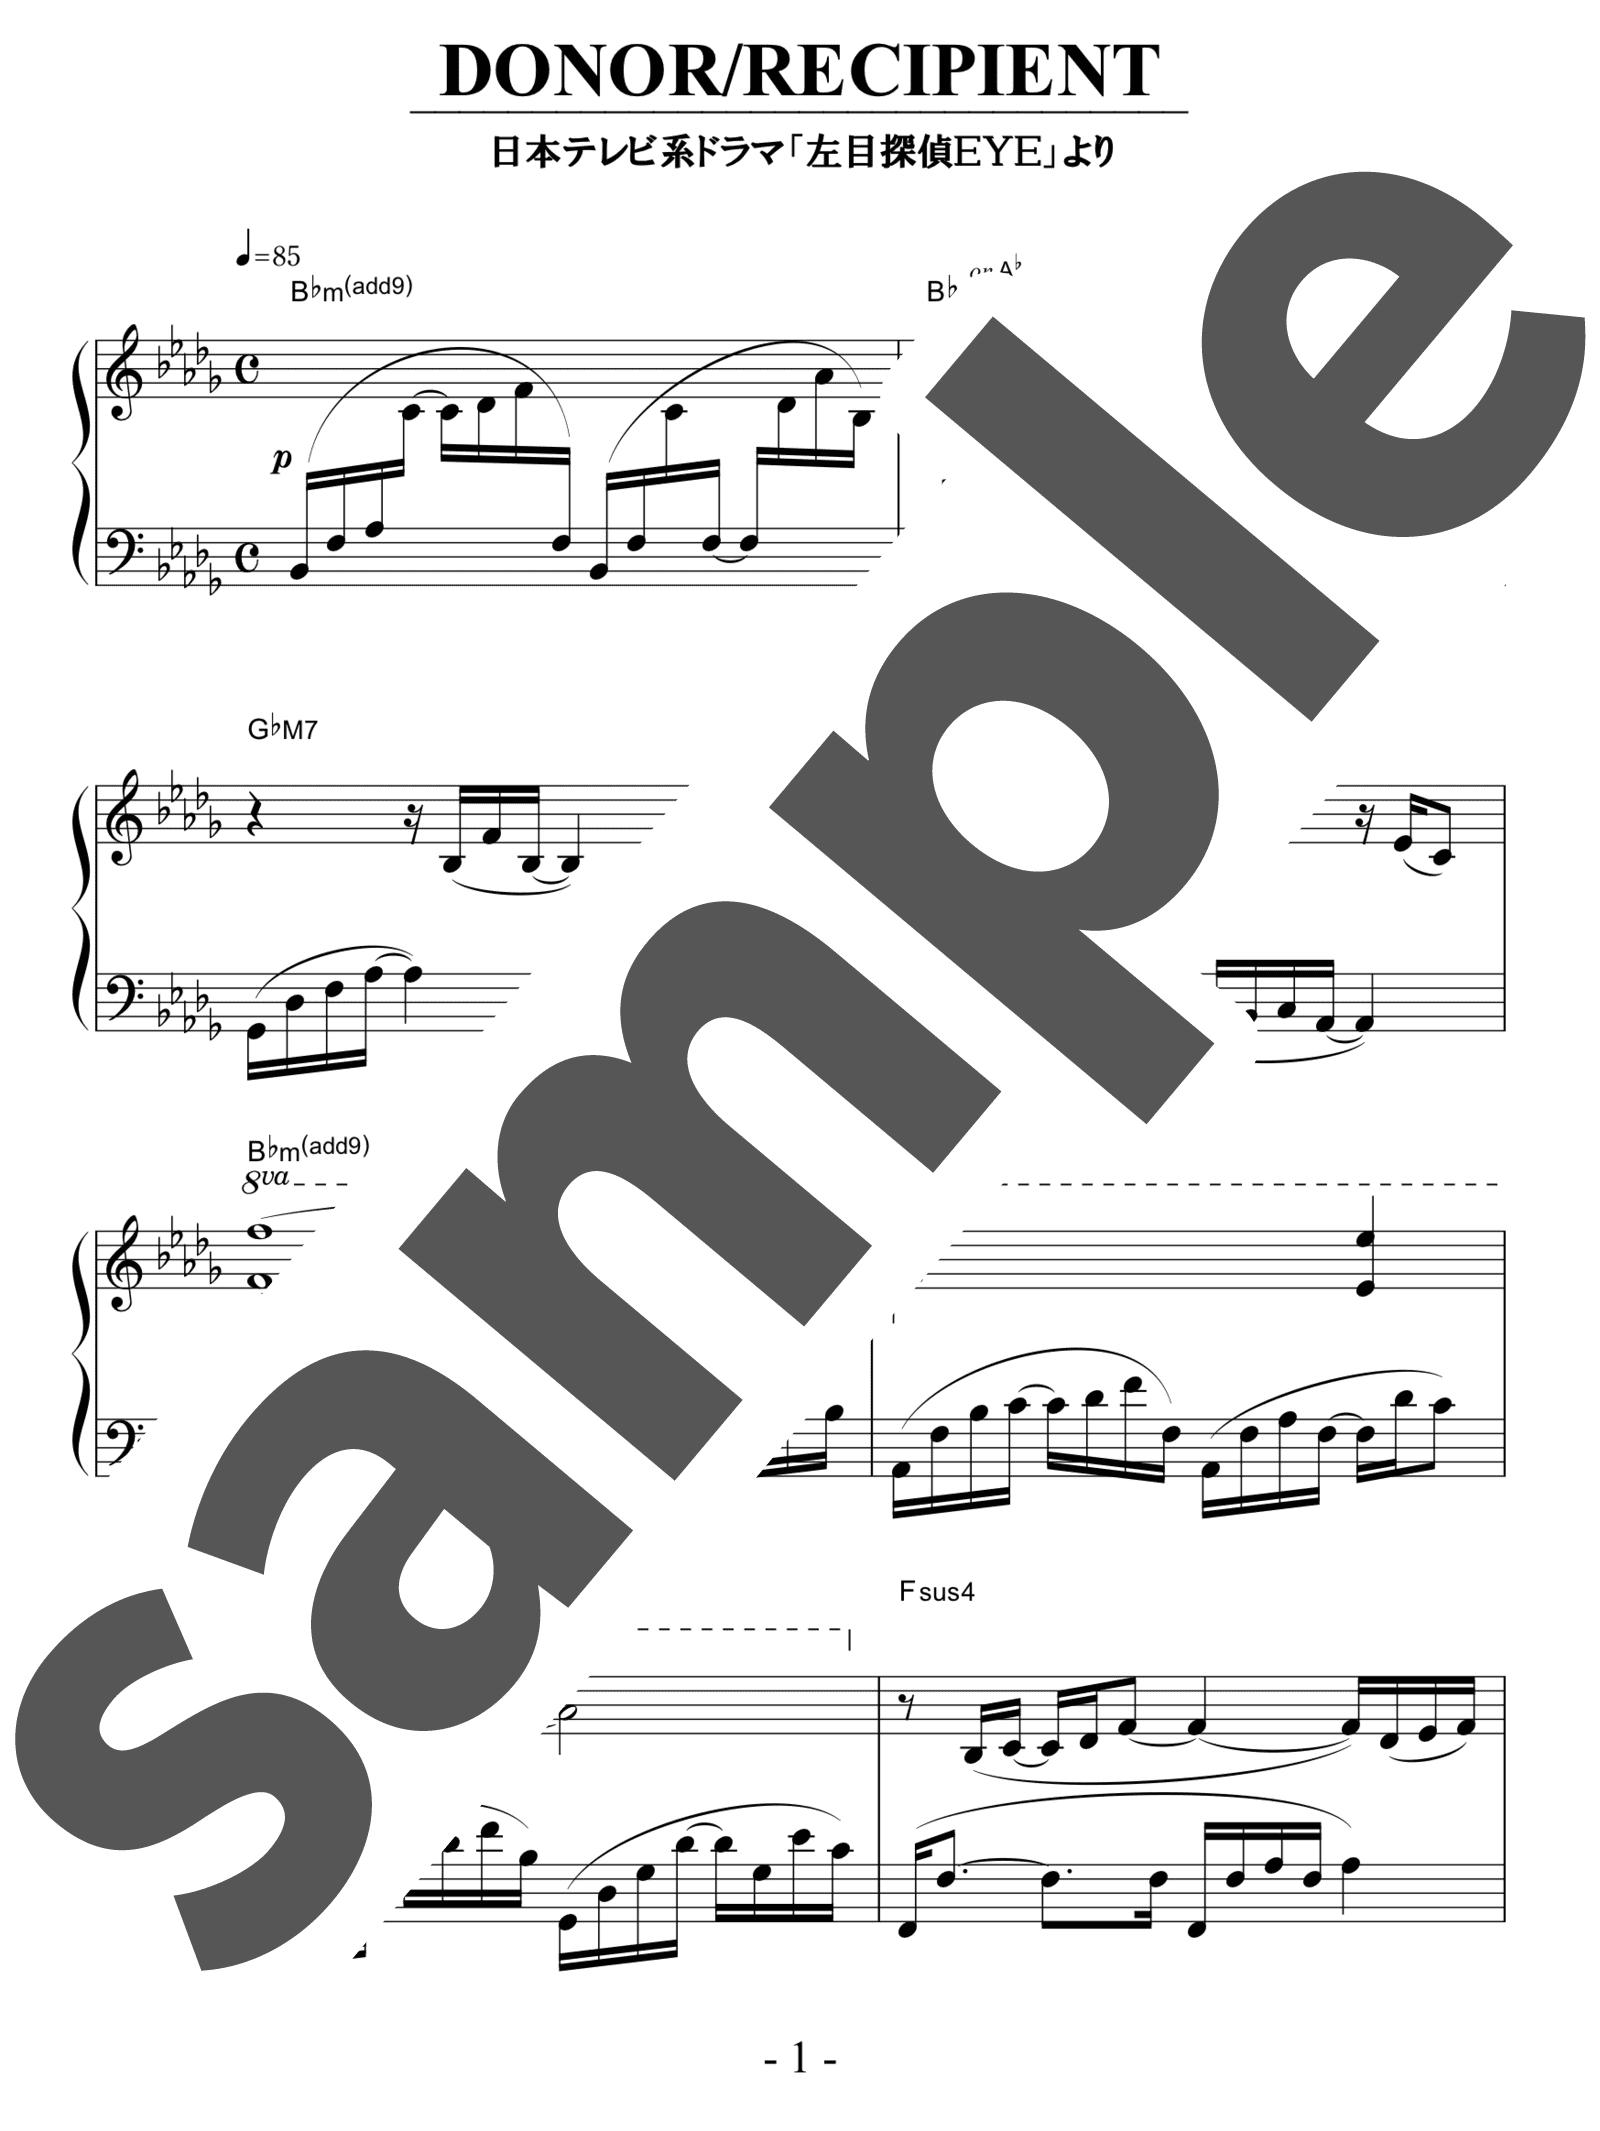 「DONOR / RECIPIENT」のサンプル楽譜